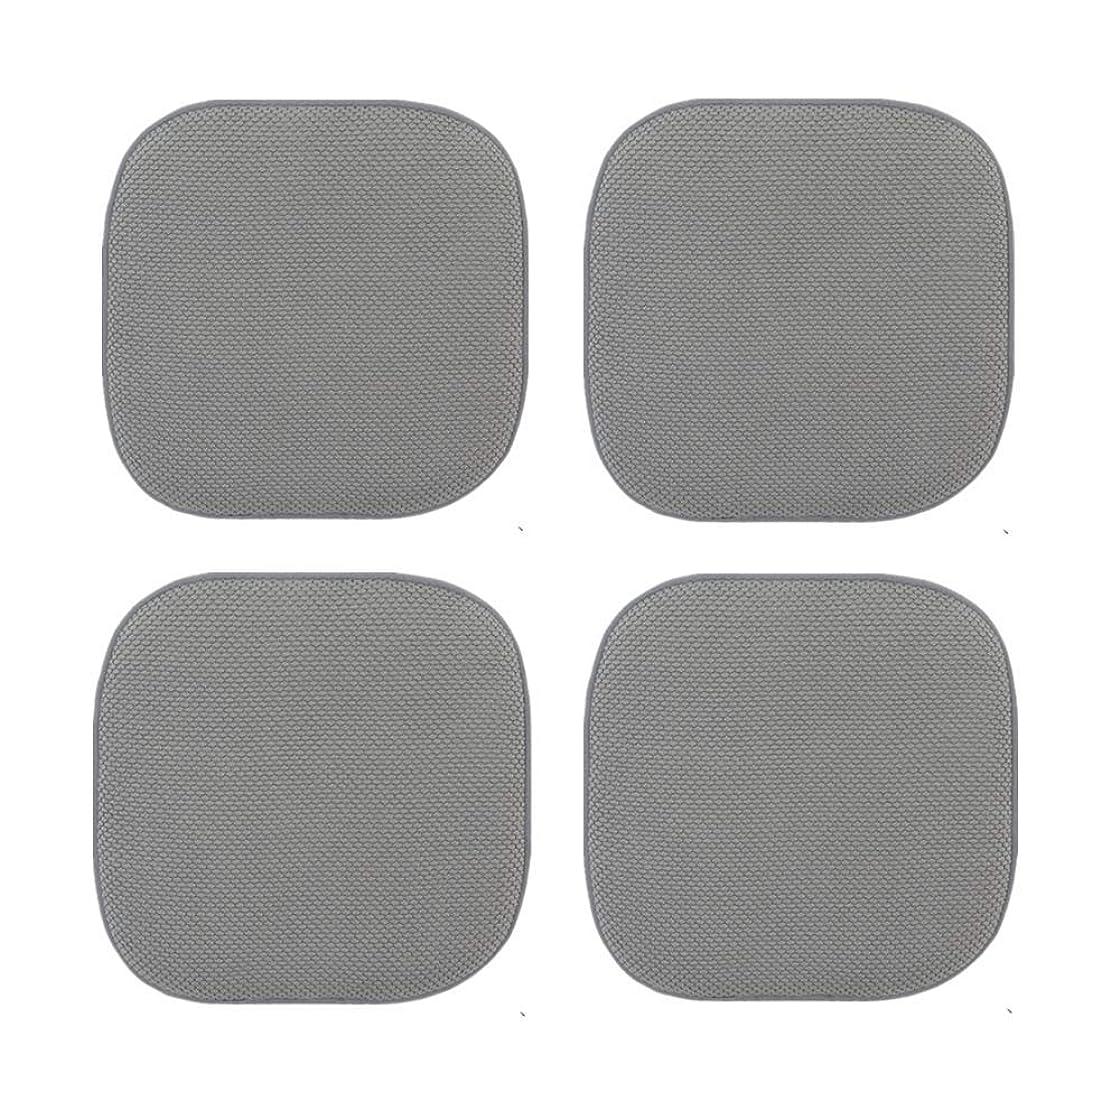 展示会値憂鬱なSAKURA-JP 低反発クッションシートクッション2セット座布団椅子用無地健康クッション北欧おしゃれ(灰色、4枚セット)